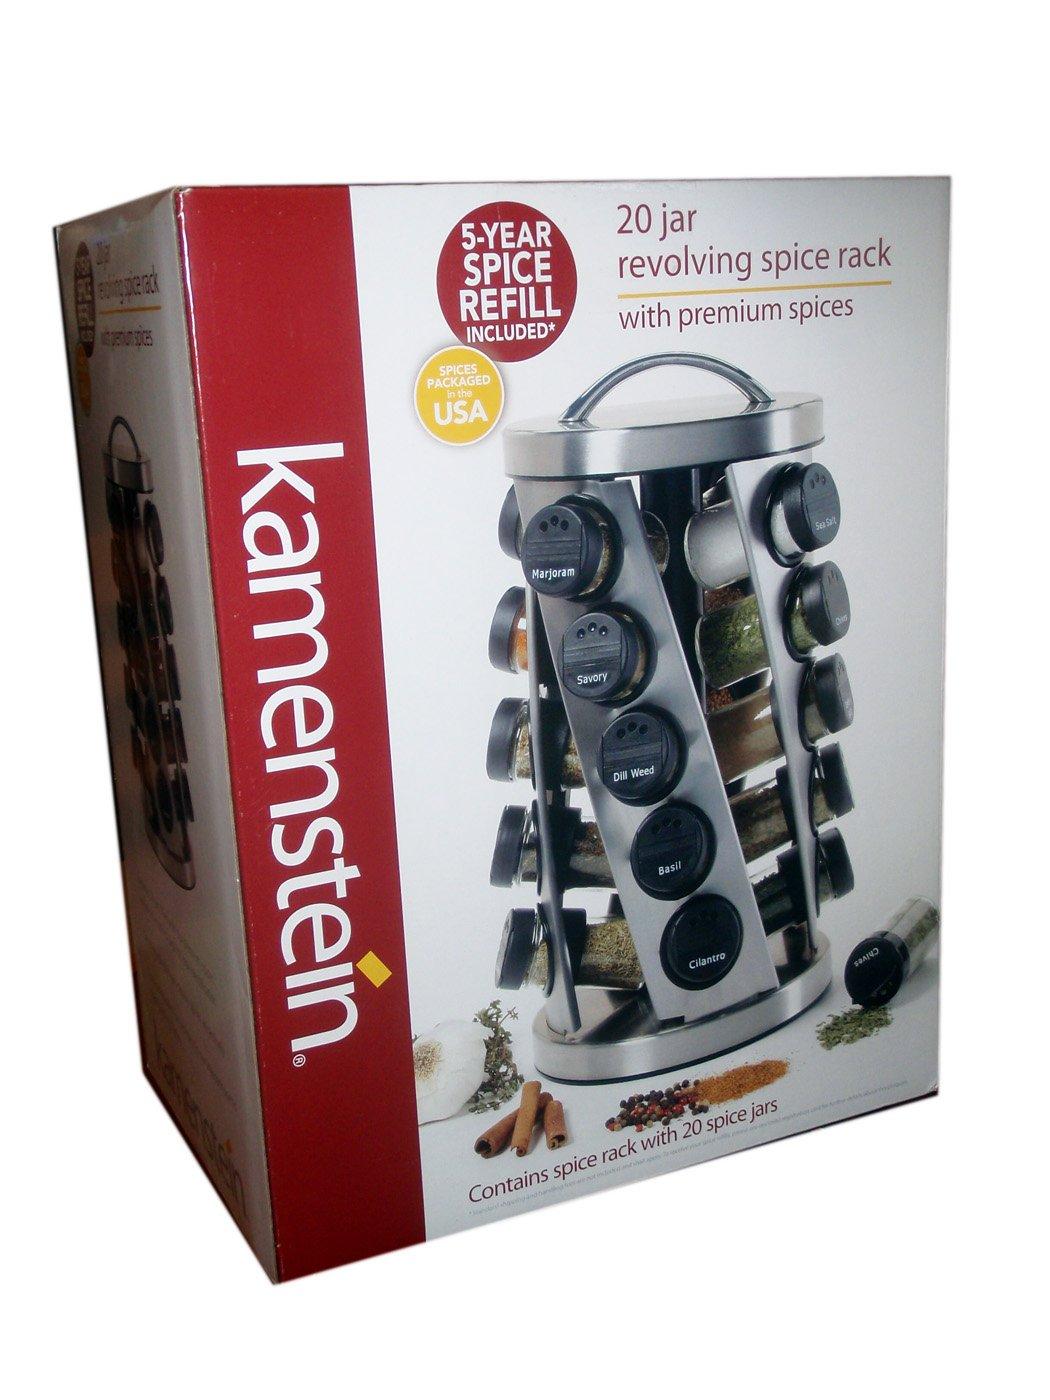 Kamenstein 20 Jar Revolving Spice Rack with Premium Spices by Kamenstein